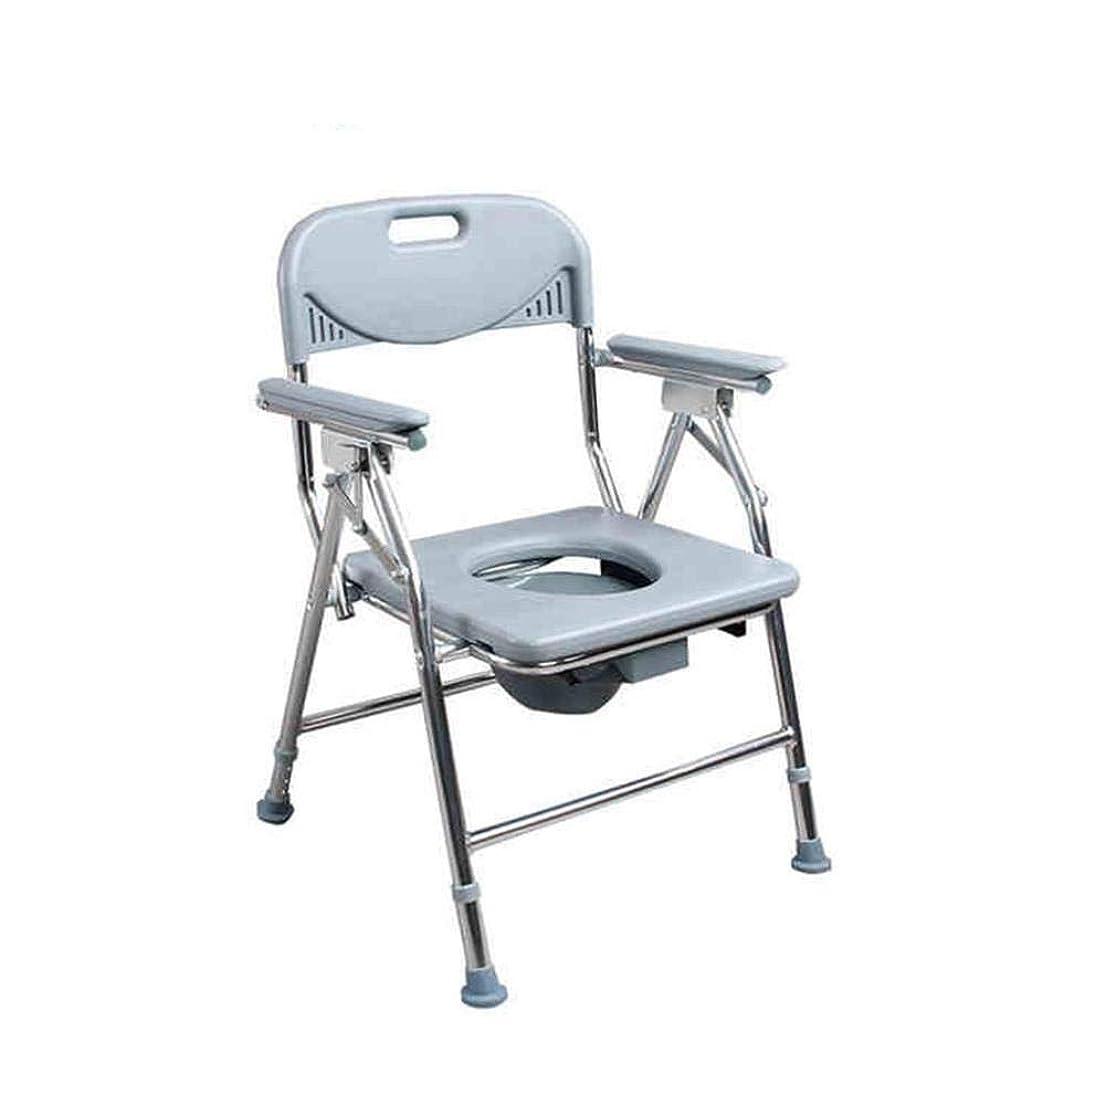 成功した落胆した気付く上部に簡単に取り外し可能なポットを備えた折りたたみ式の便器椅子